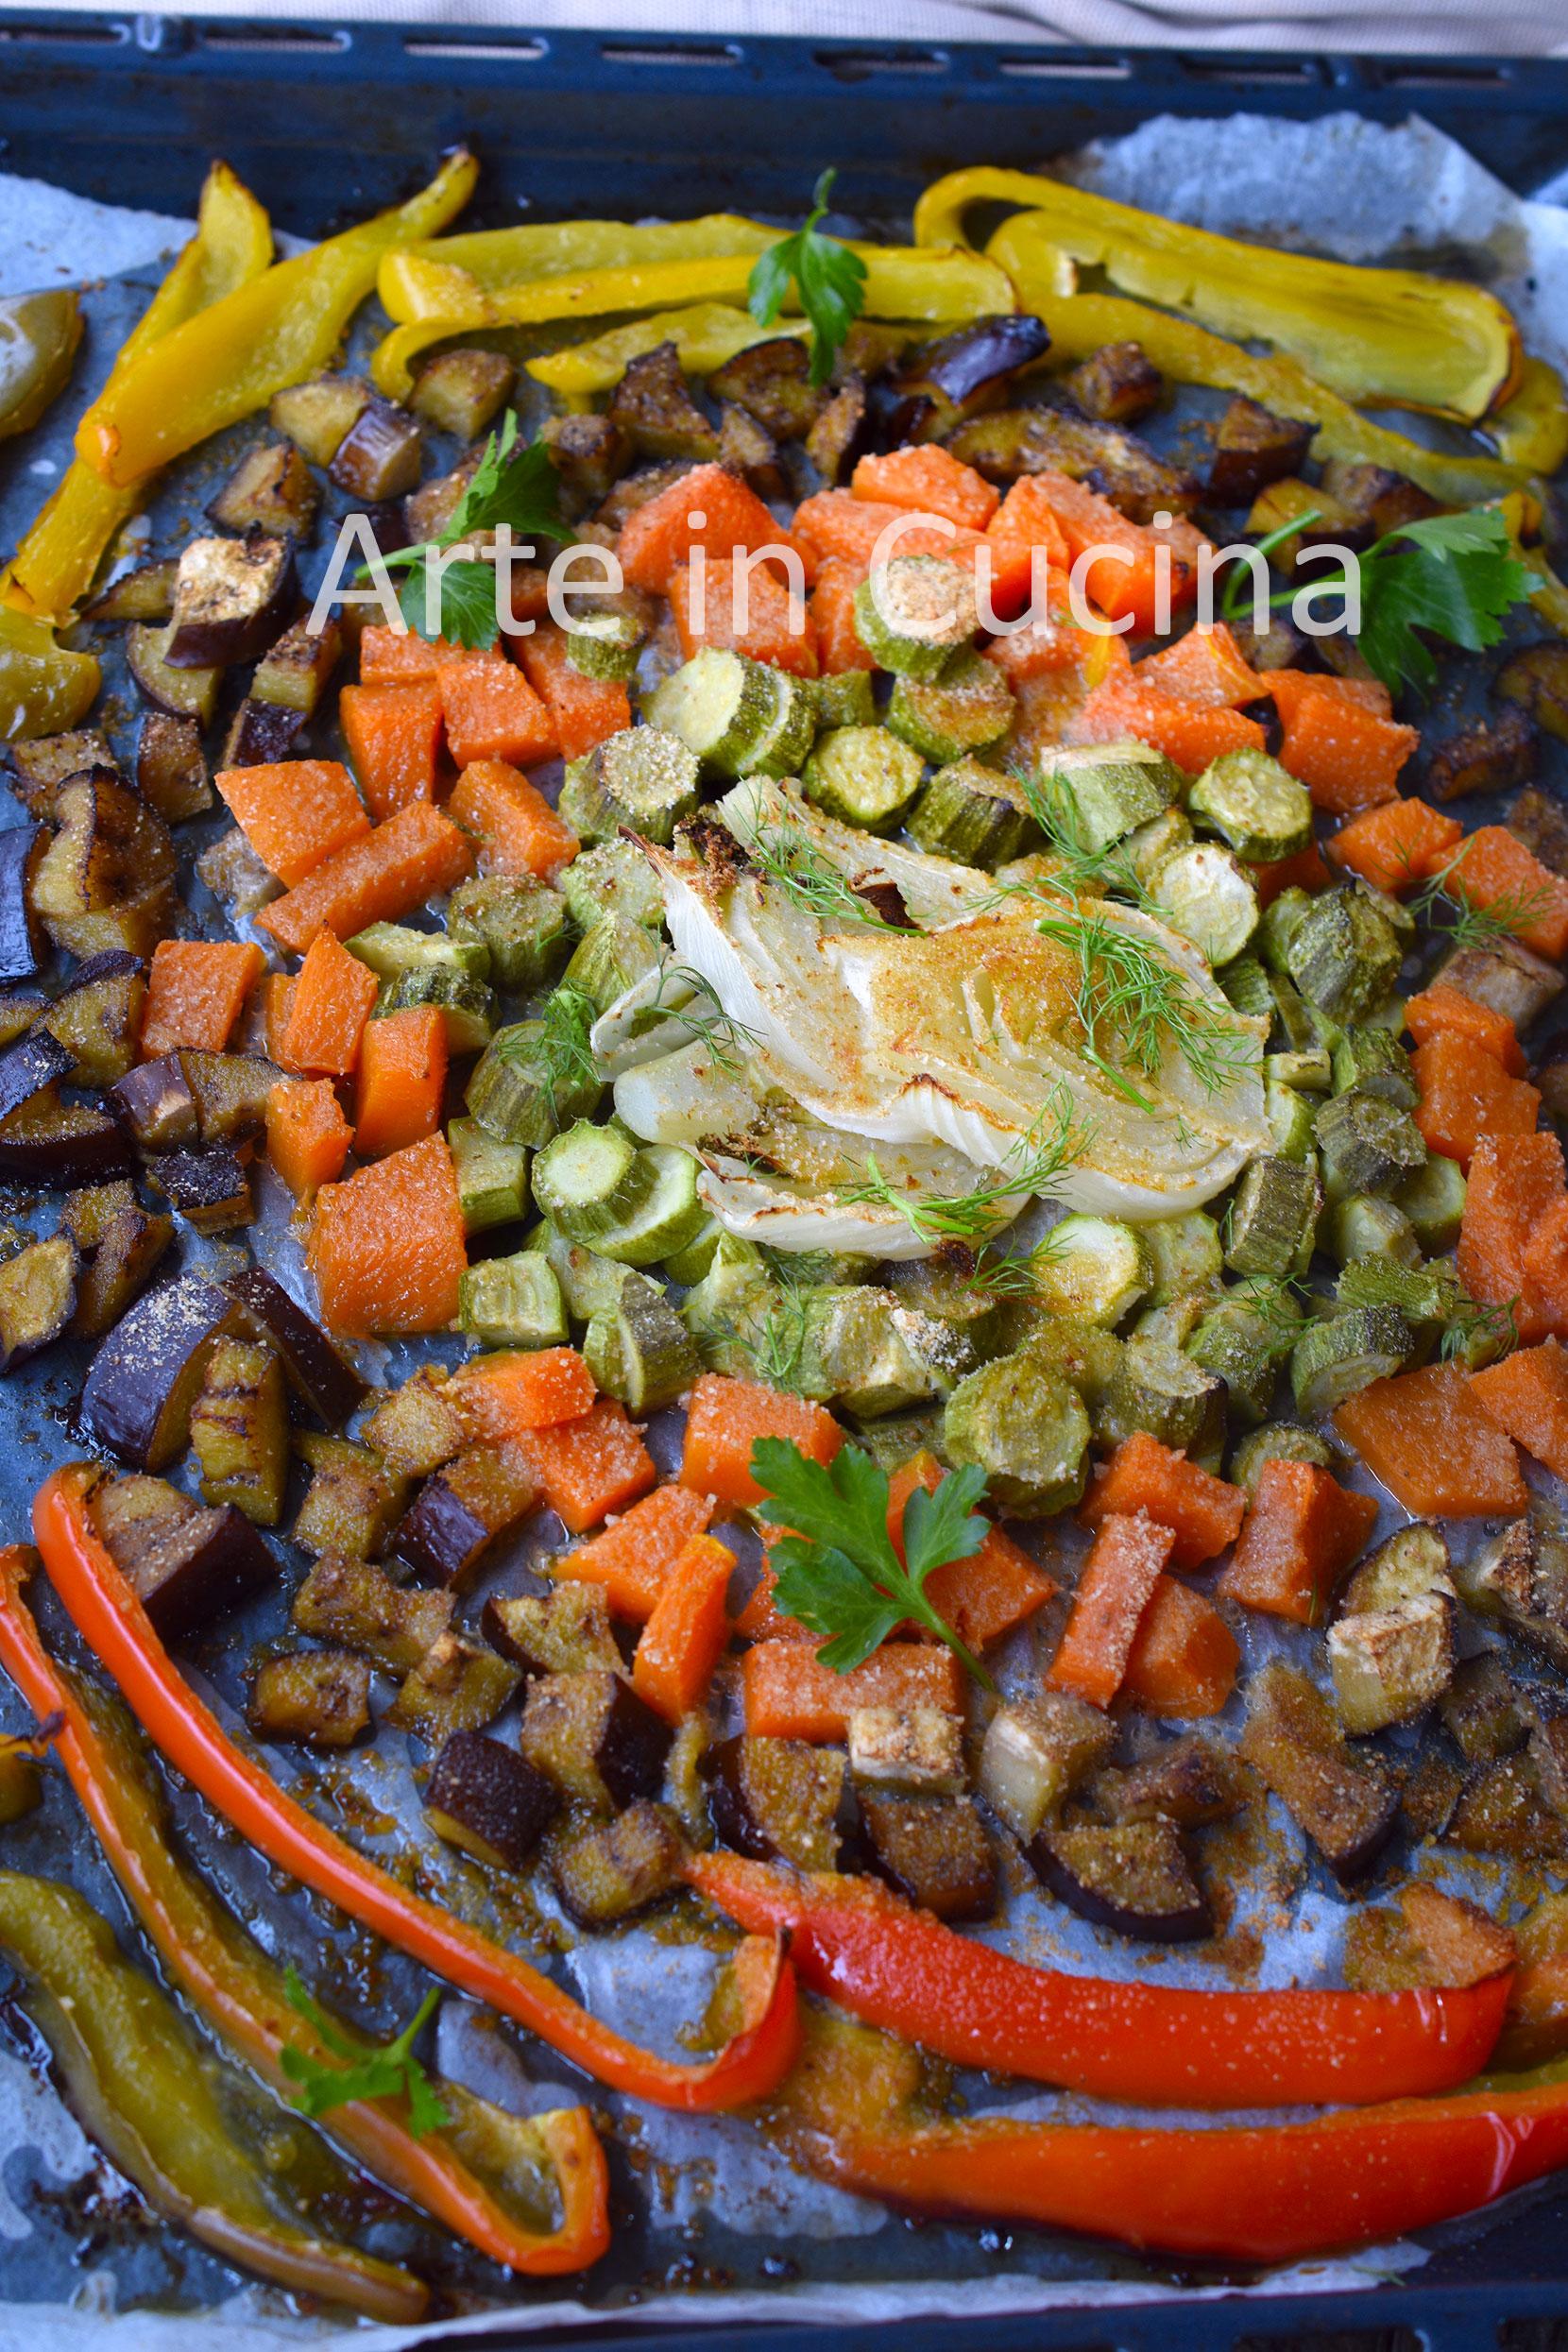 Verdure gratinate in teglia al forno